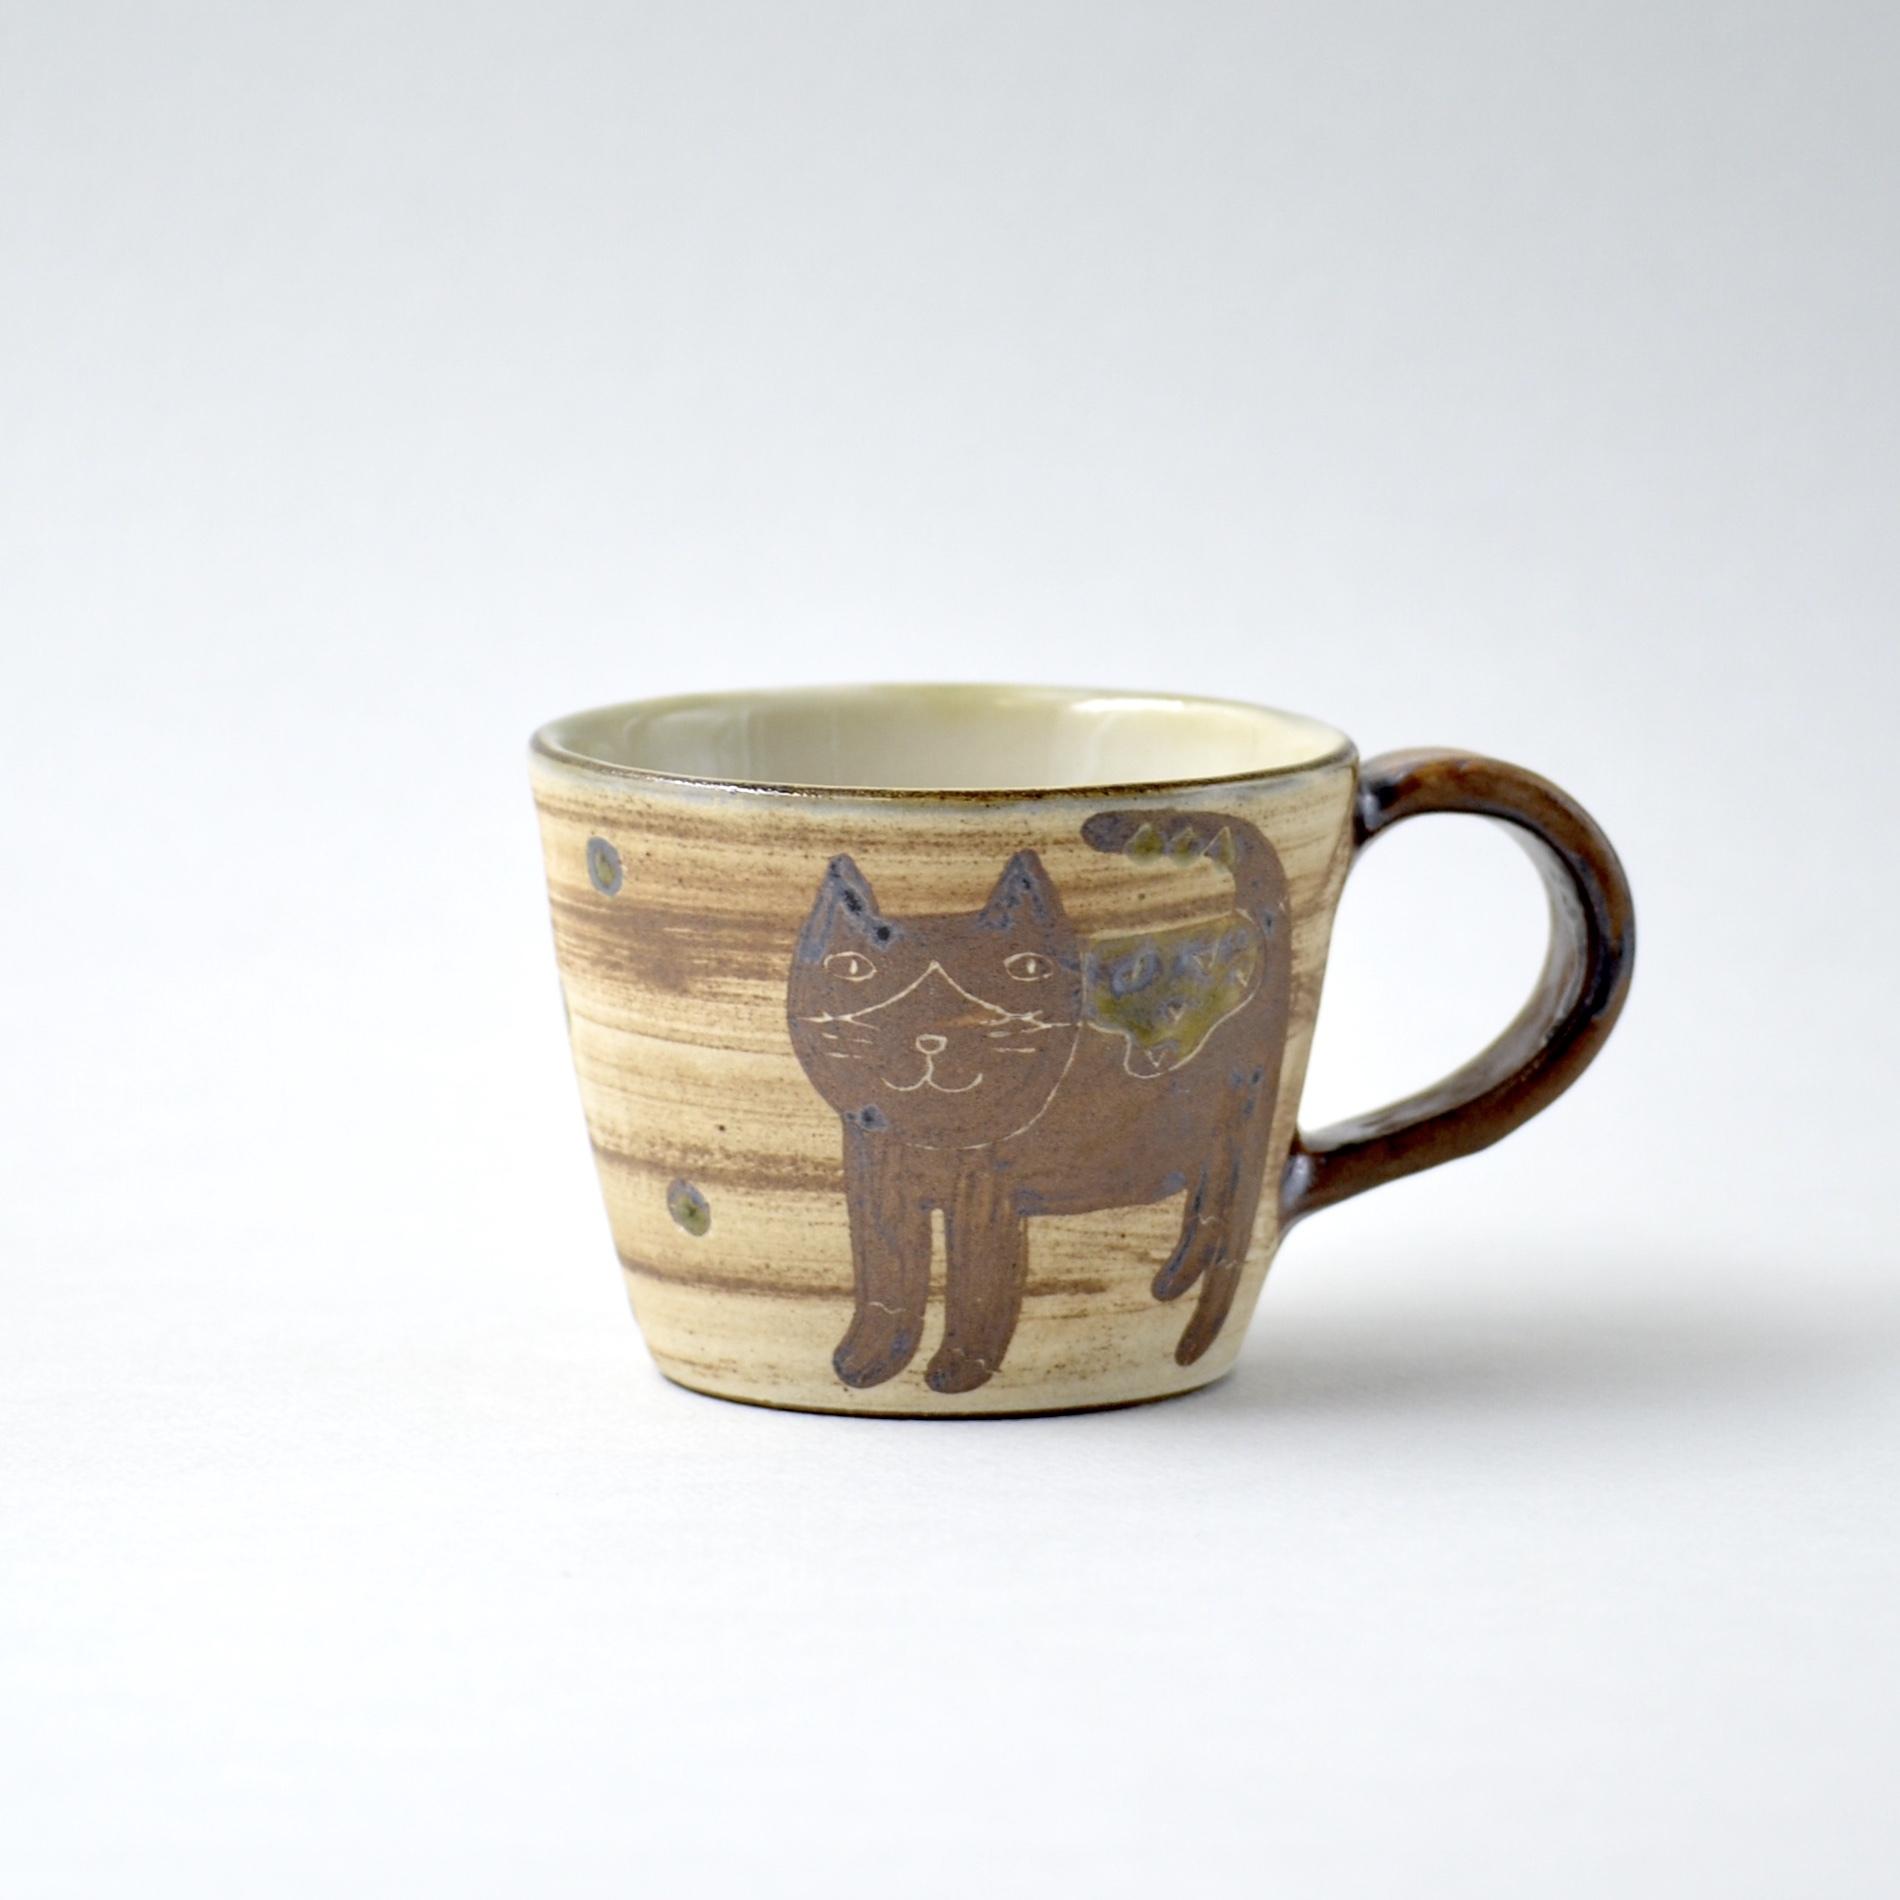 ハチワレネコのマグカップ m1